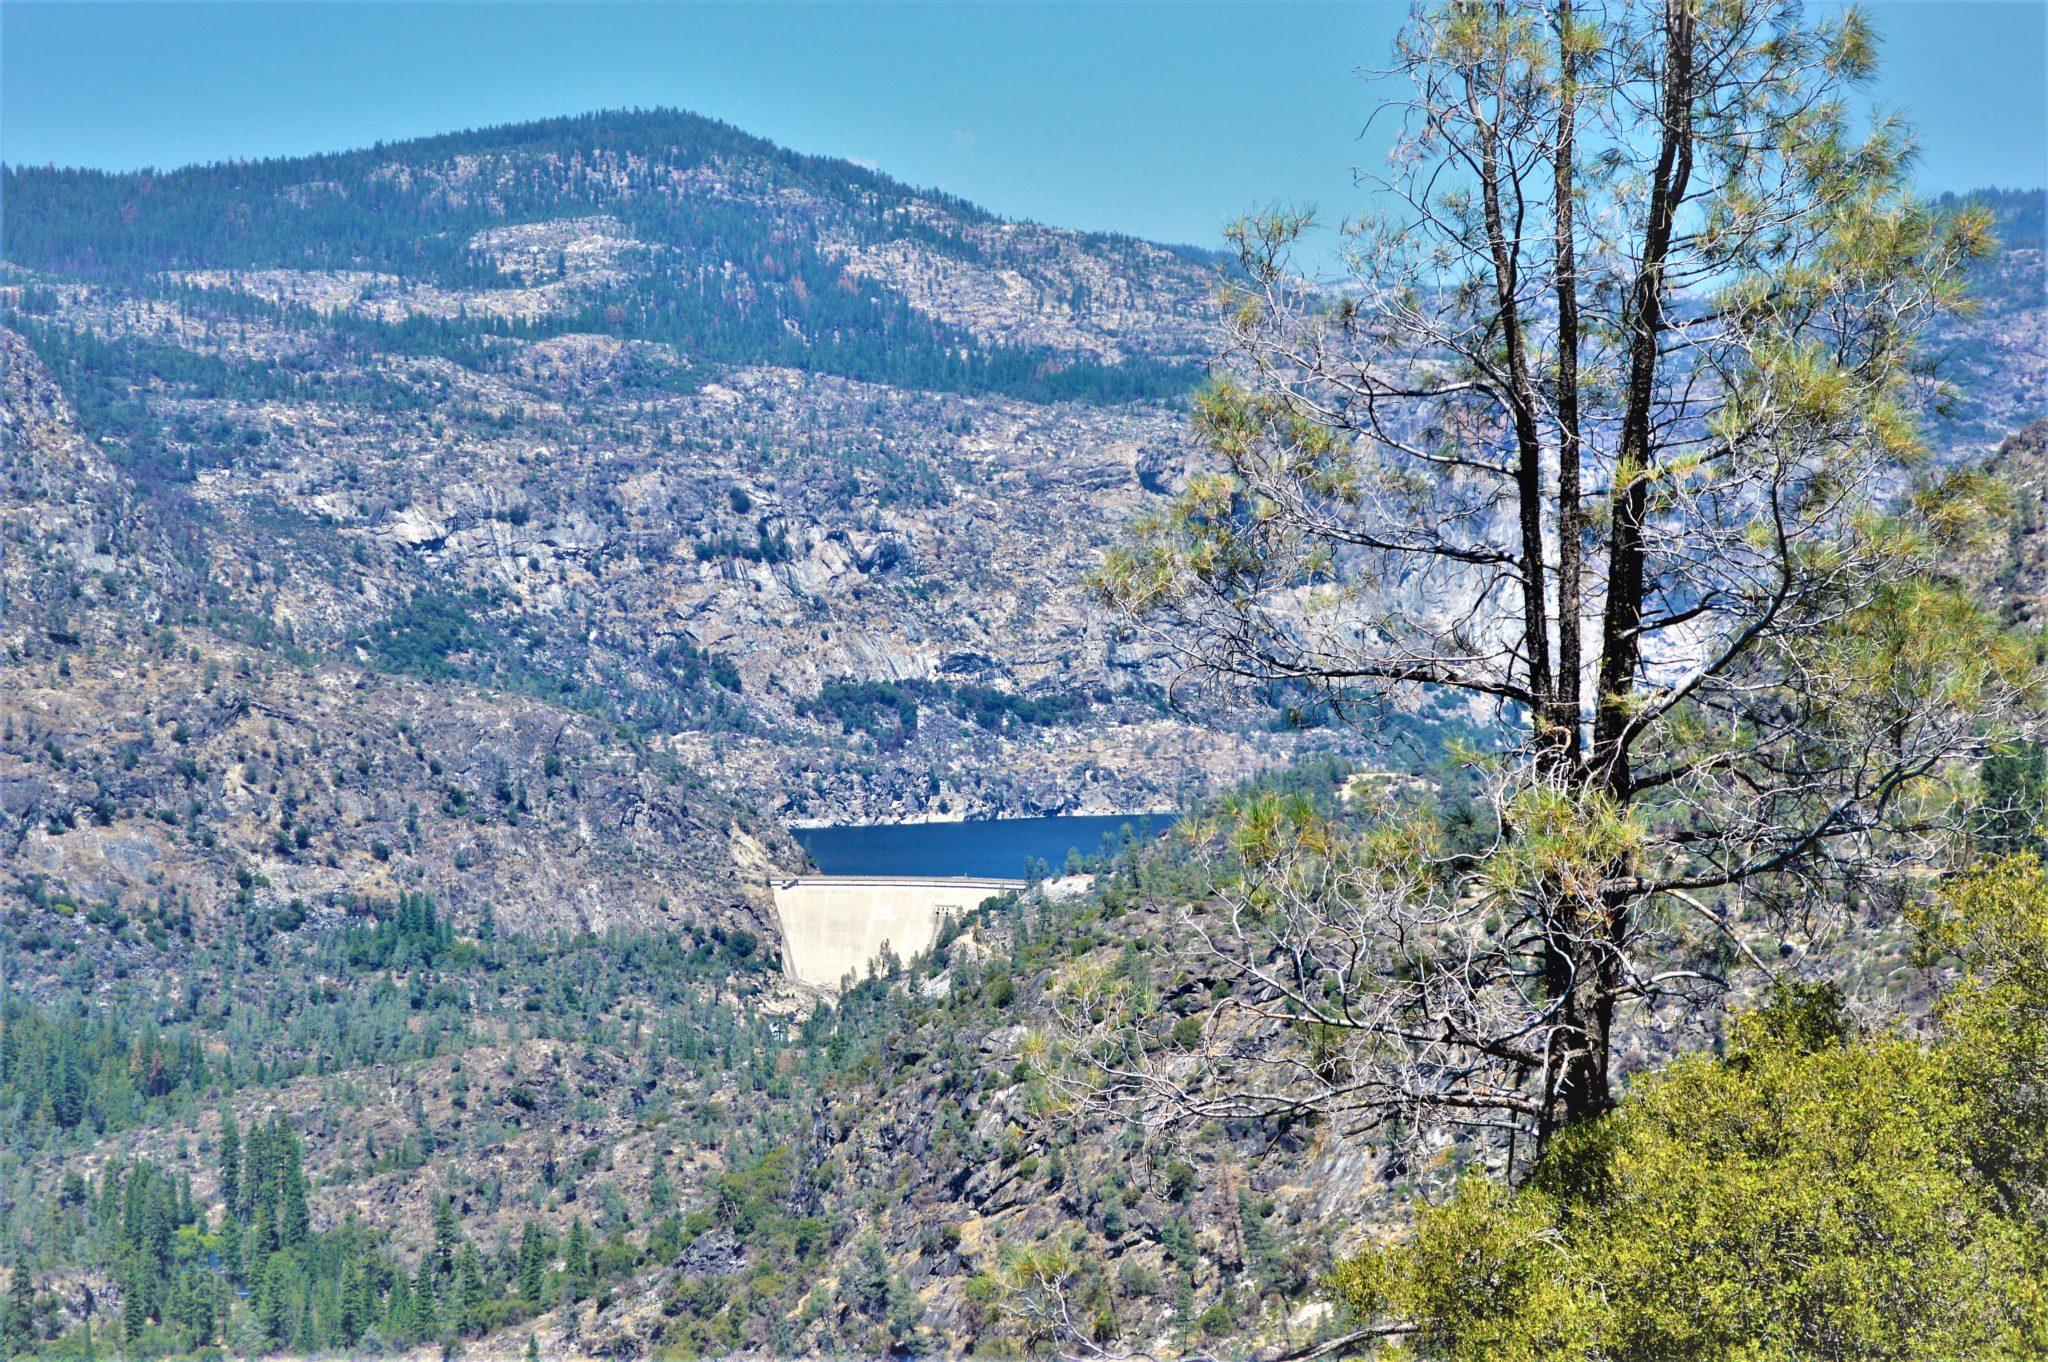 Hetch Hetchy dam, close up, California